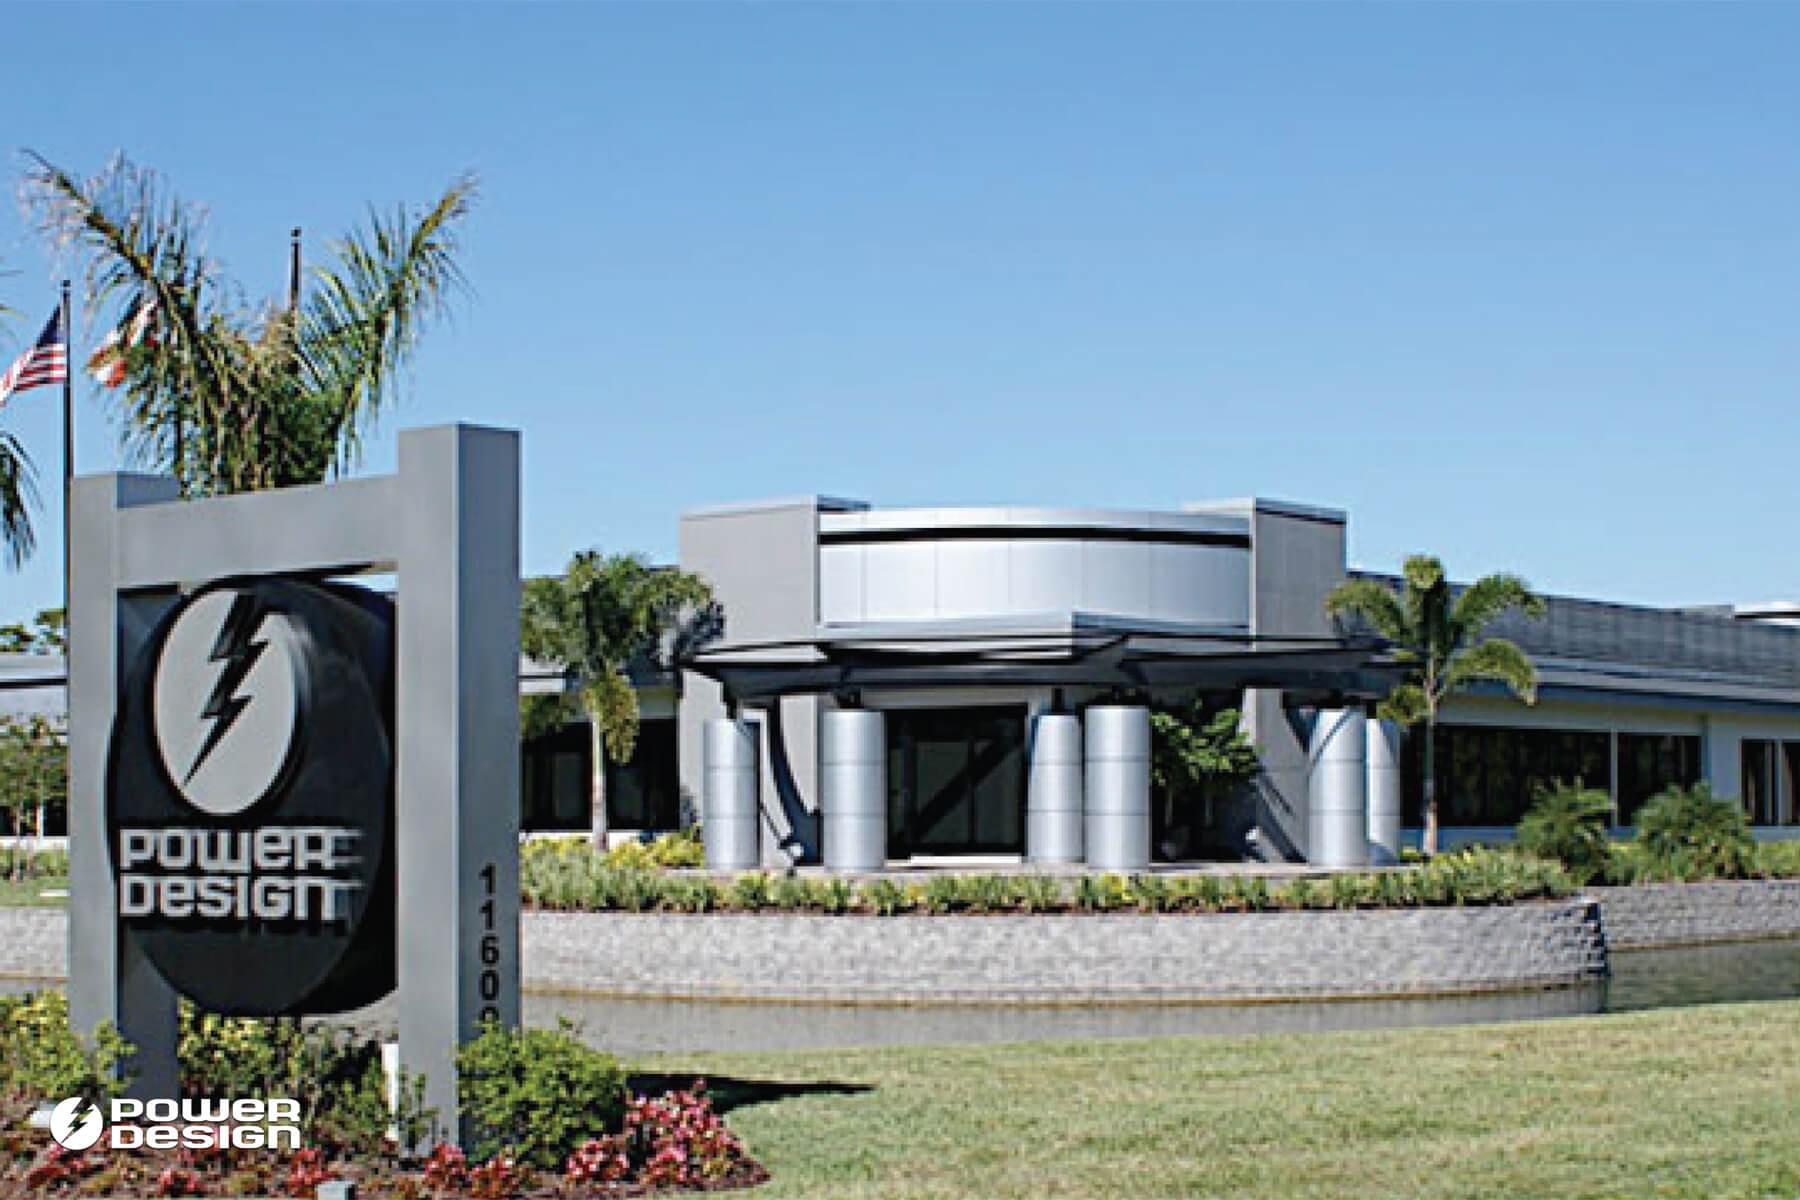 Power Design - St. Petersburg, FL